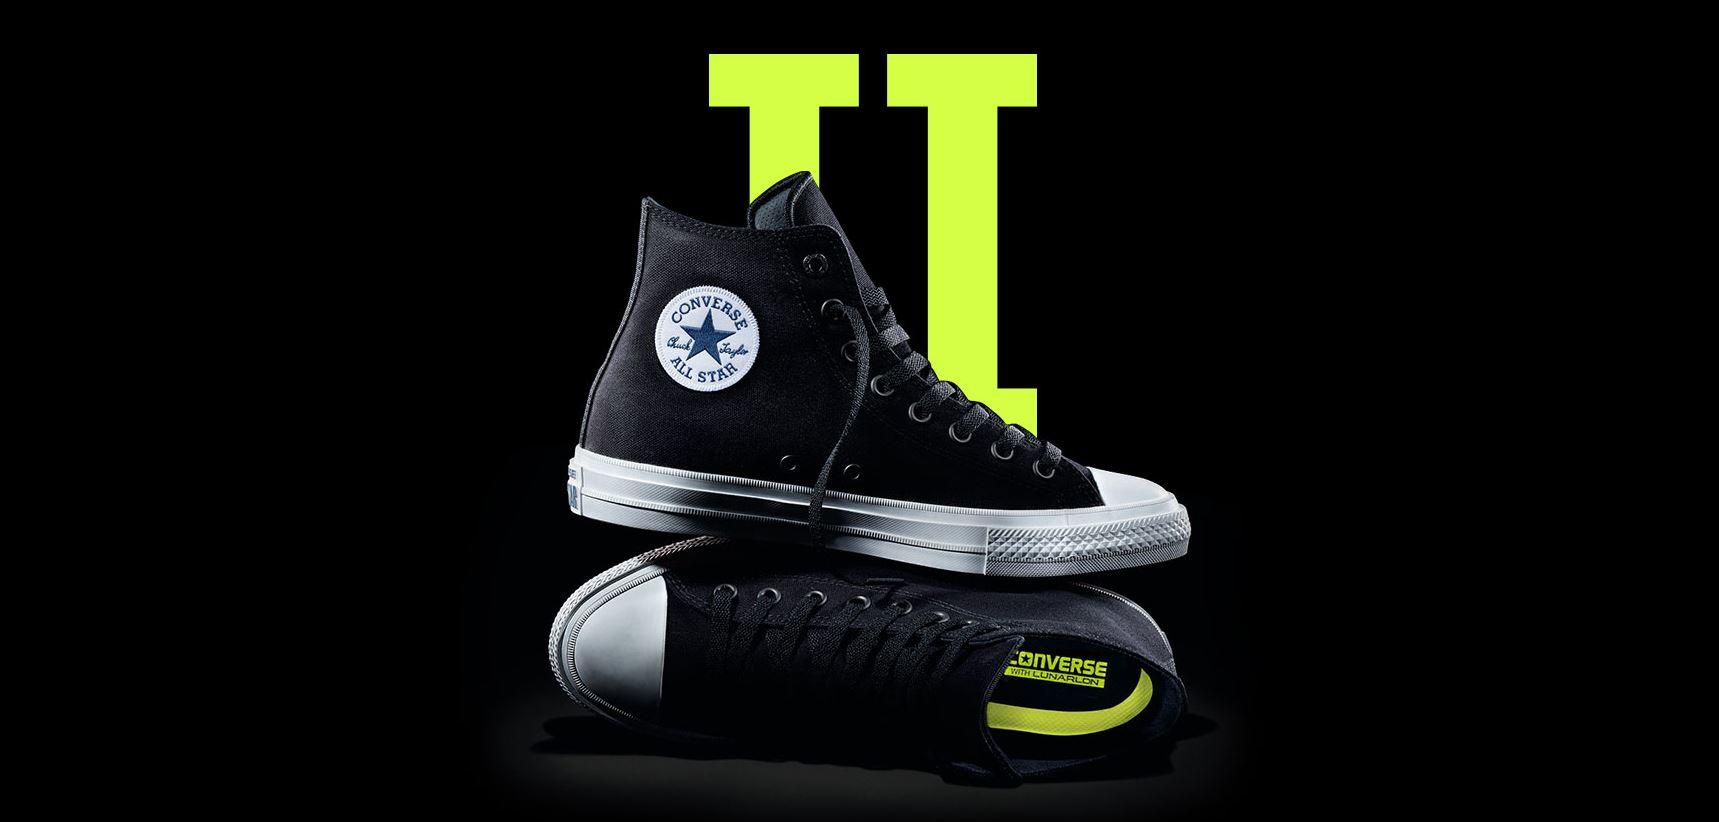 4d9547ed1768 Converse: 98 év és 1 milliárd eladott pár után végre kényelmesek lesznek az  ikonikus tornacipők!